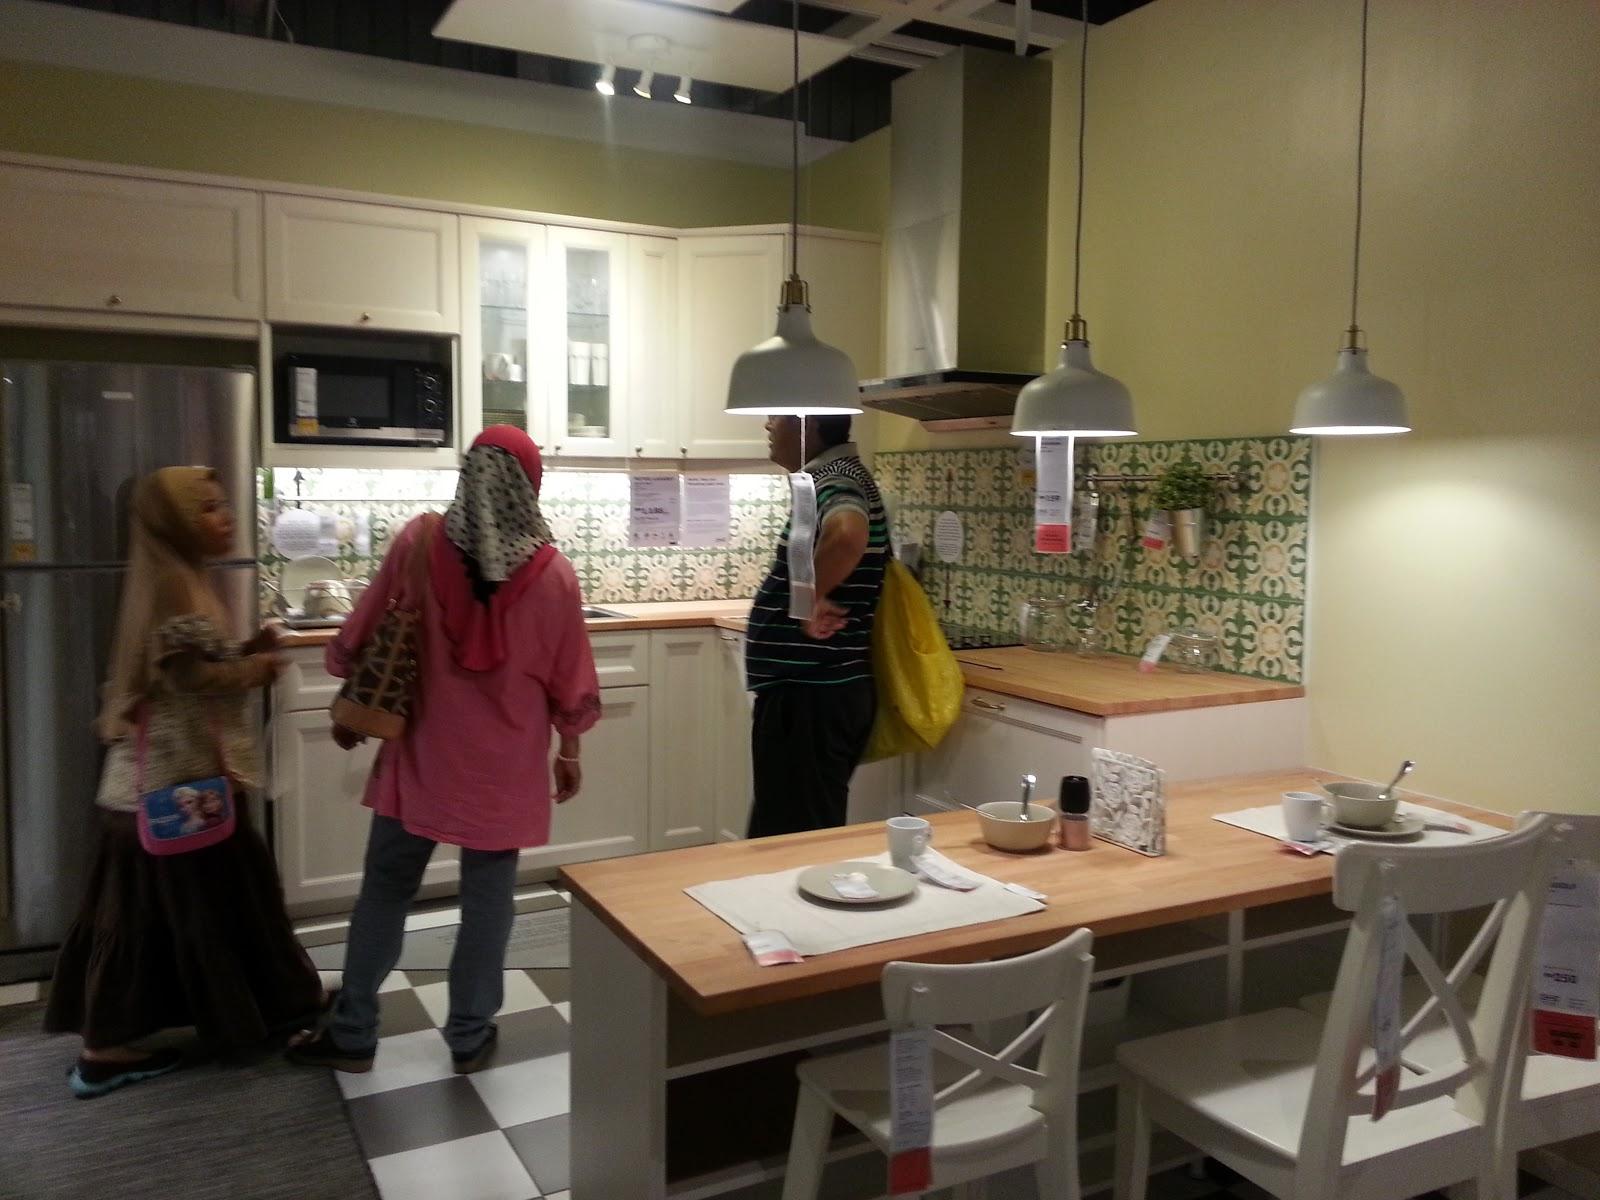 Kak M Memang Jalan Ikea Ni Cari Idea Hiasan Dalaman Kami Dalam Proses Yang Renovate Rumah Dapur Belakang Extend Tu Nak Pecah Kan Semua